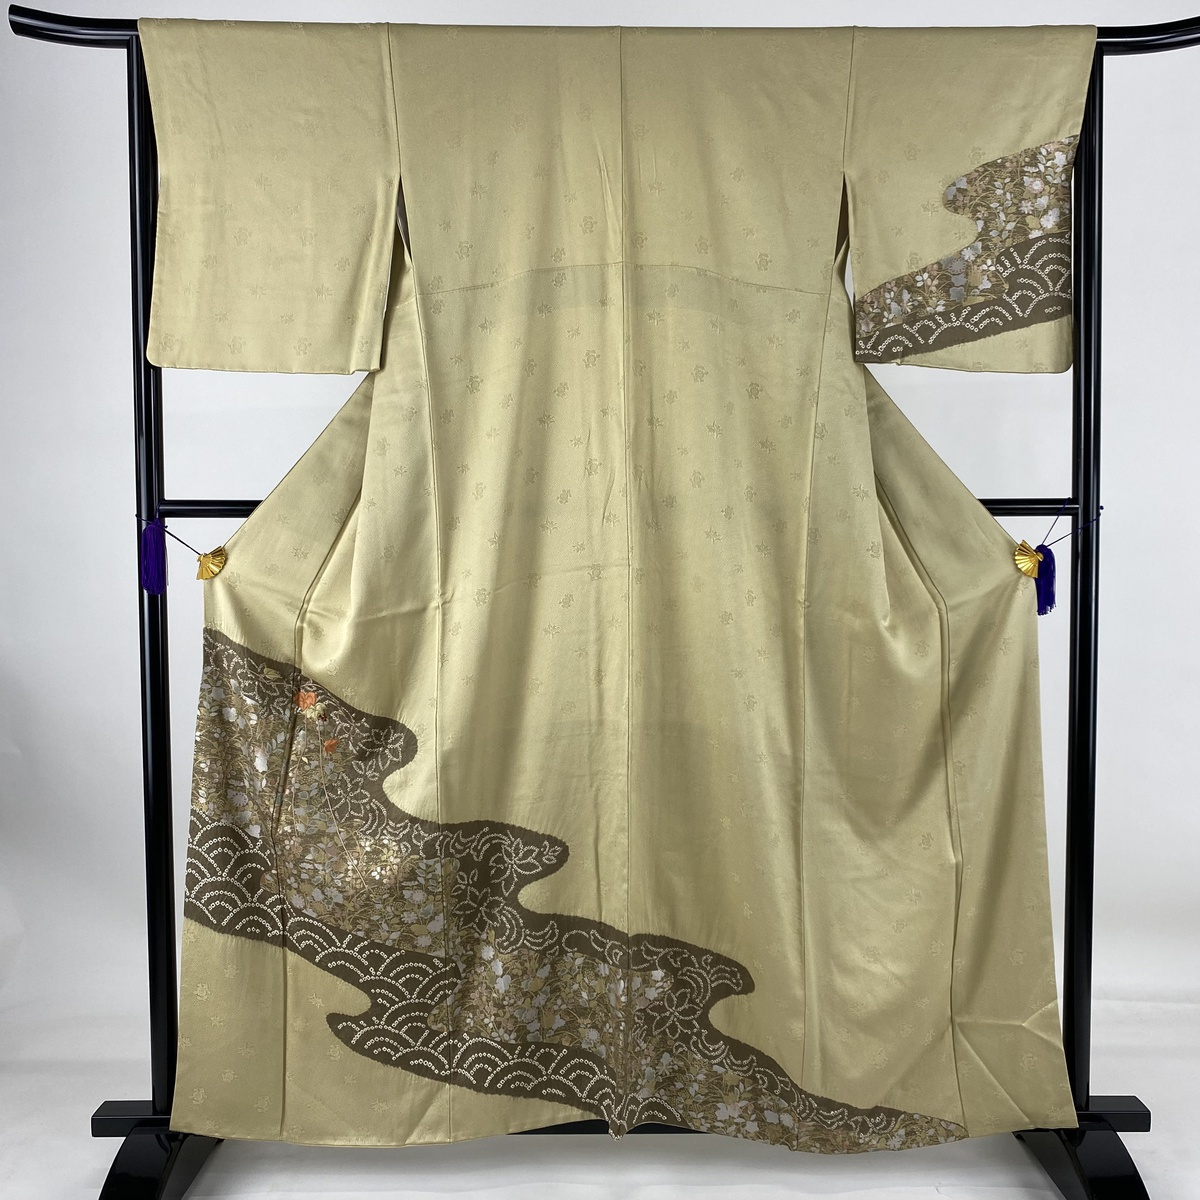 ランクA 着物 リサイクル 送料無料 訪問着 美品 秀品 葉 実 中古 袷 M 数量限定 送料無料でお届けします 身丈160cm 正絹 裄丈65cm 刺繍 抹茶色 絞り